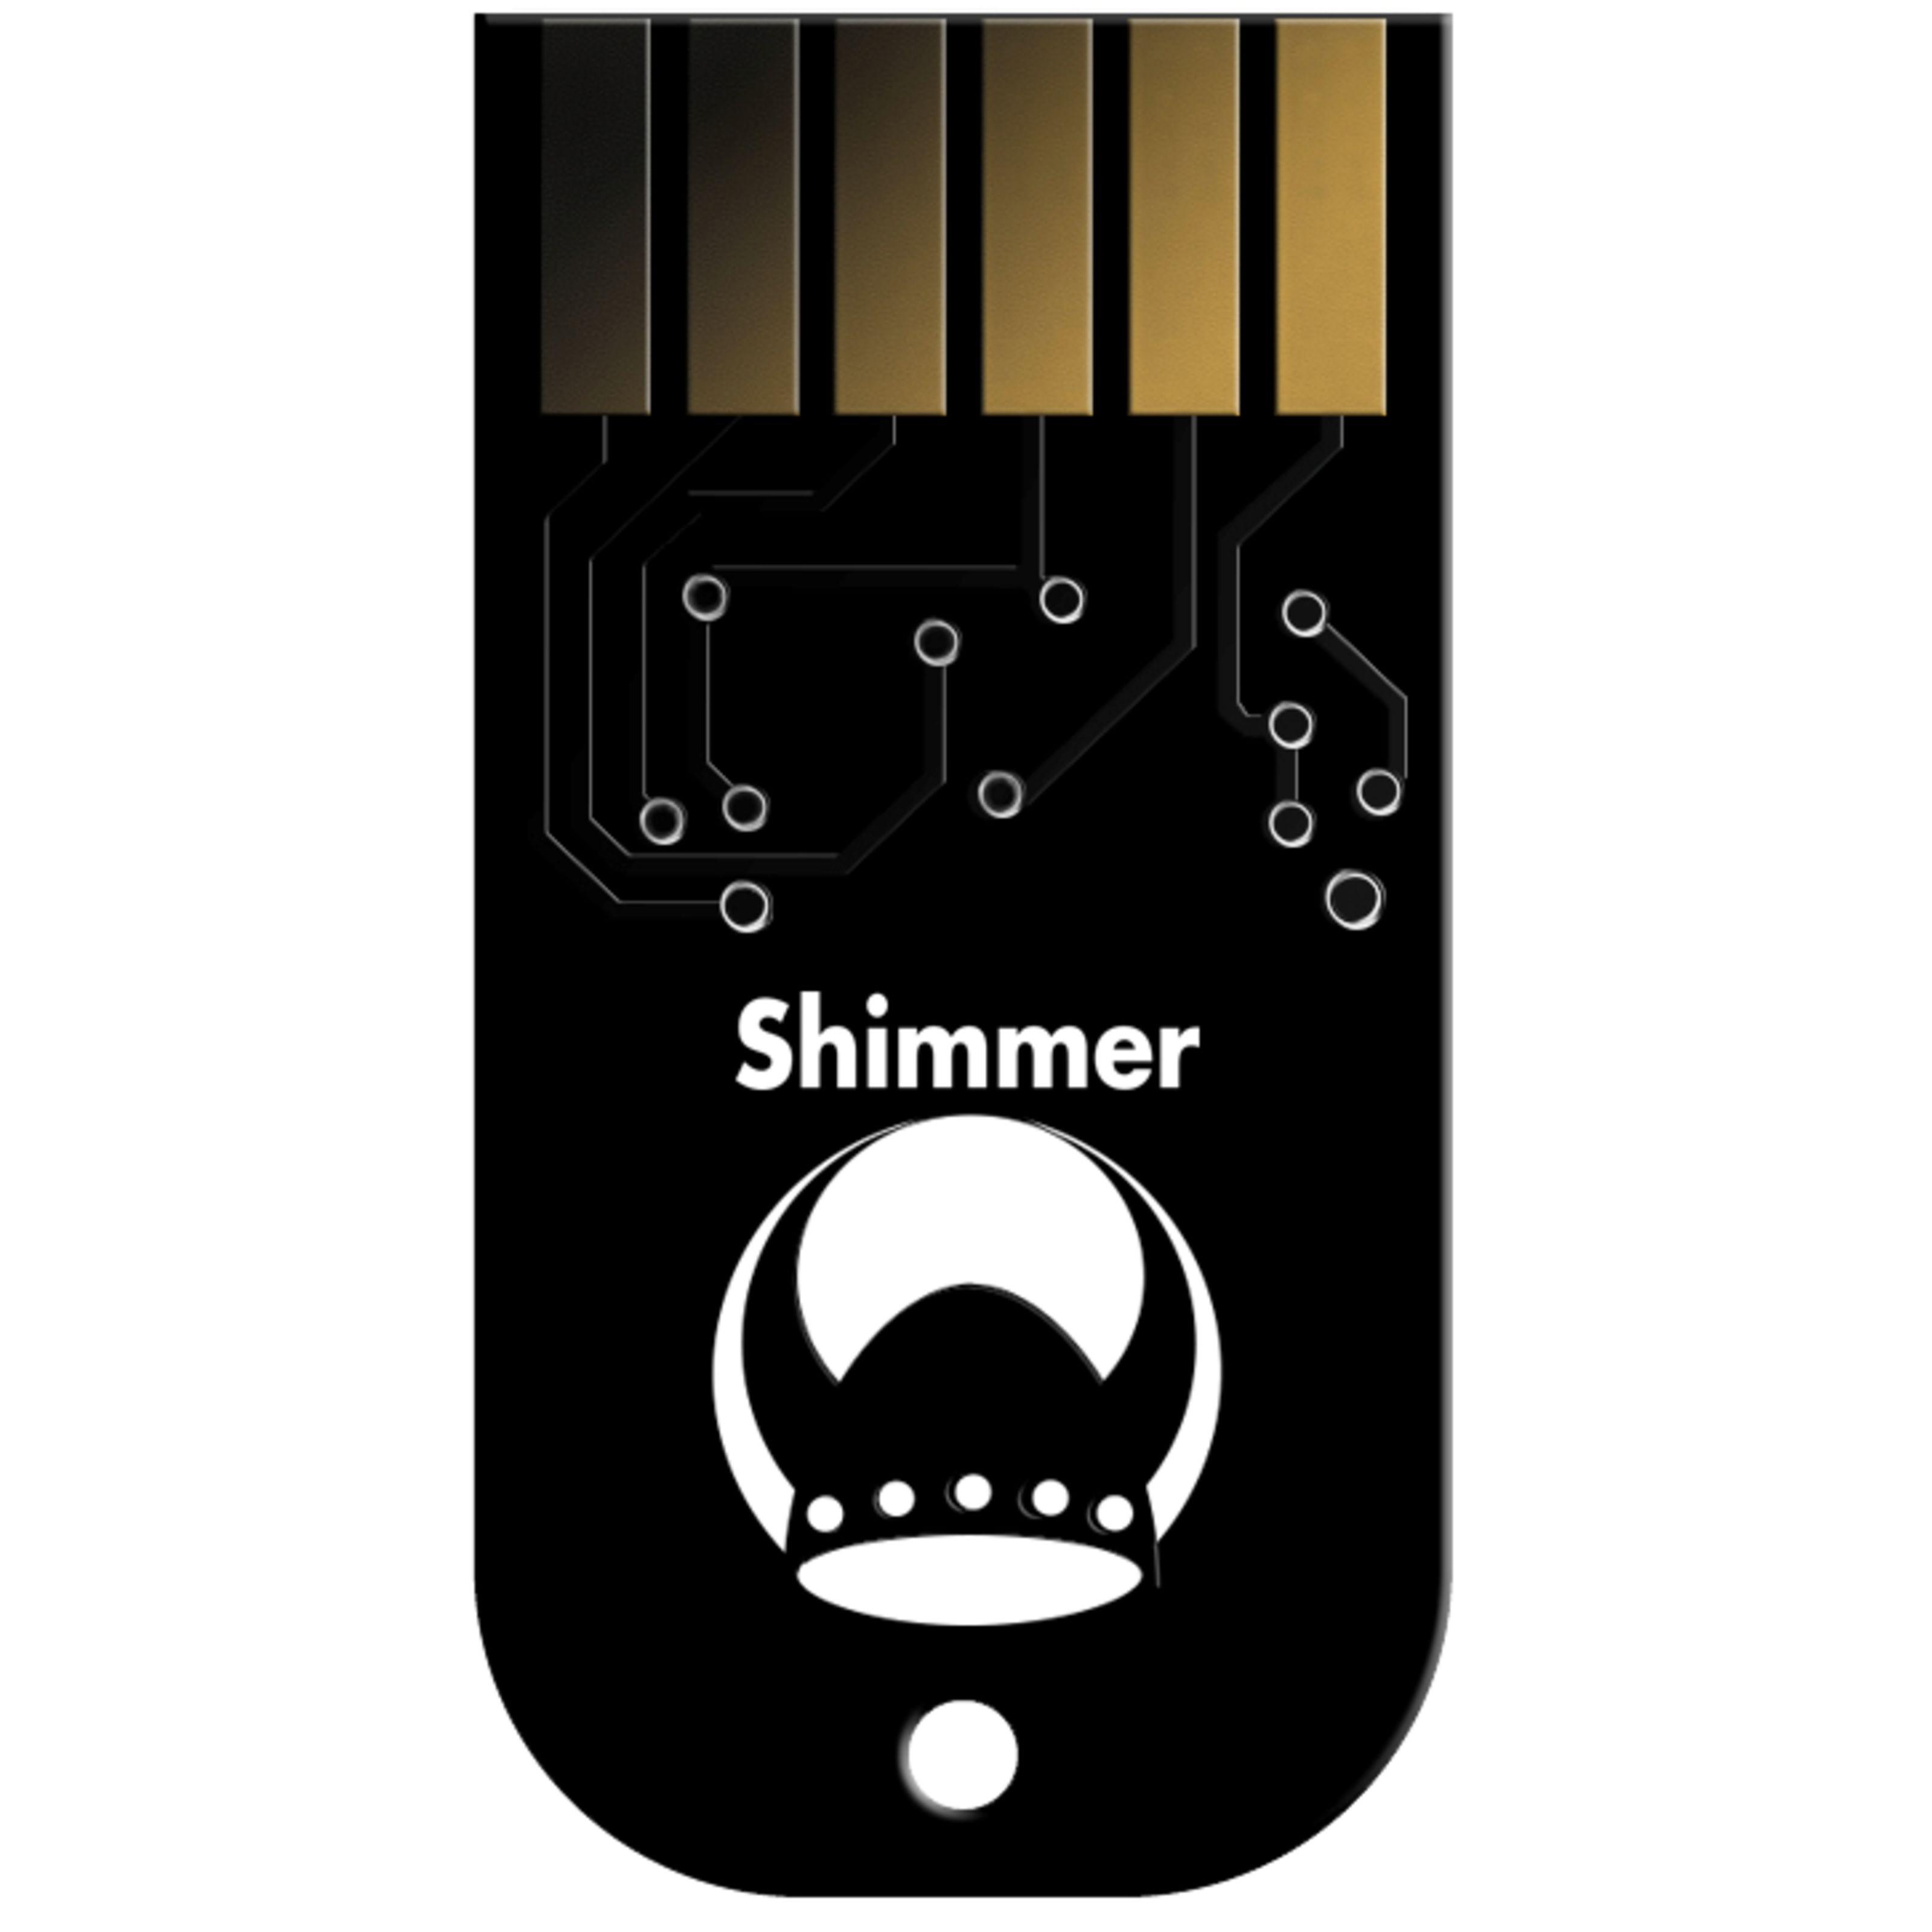 Tiptop Audio - Valhalla Shimmer Reverb Valhalle Shimmer